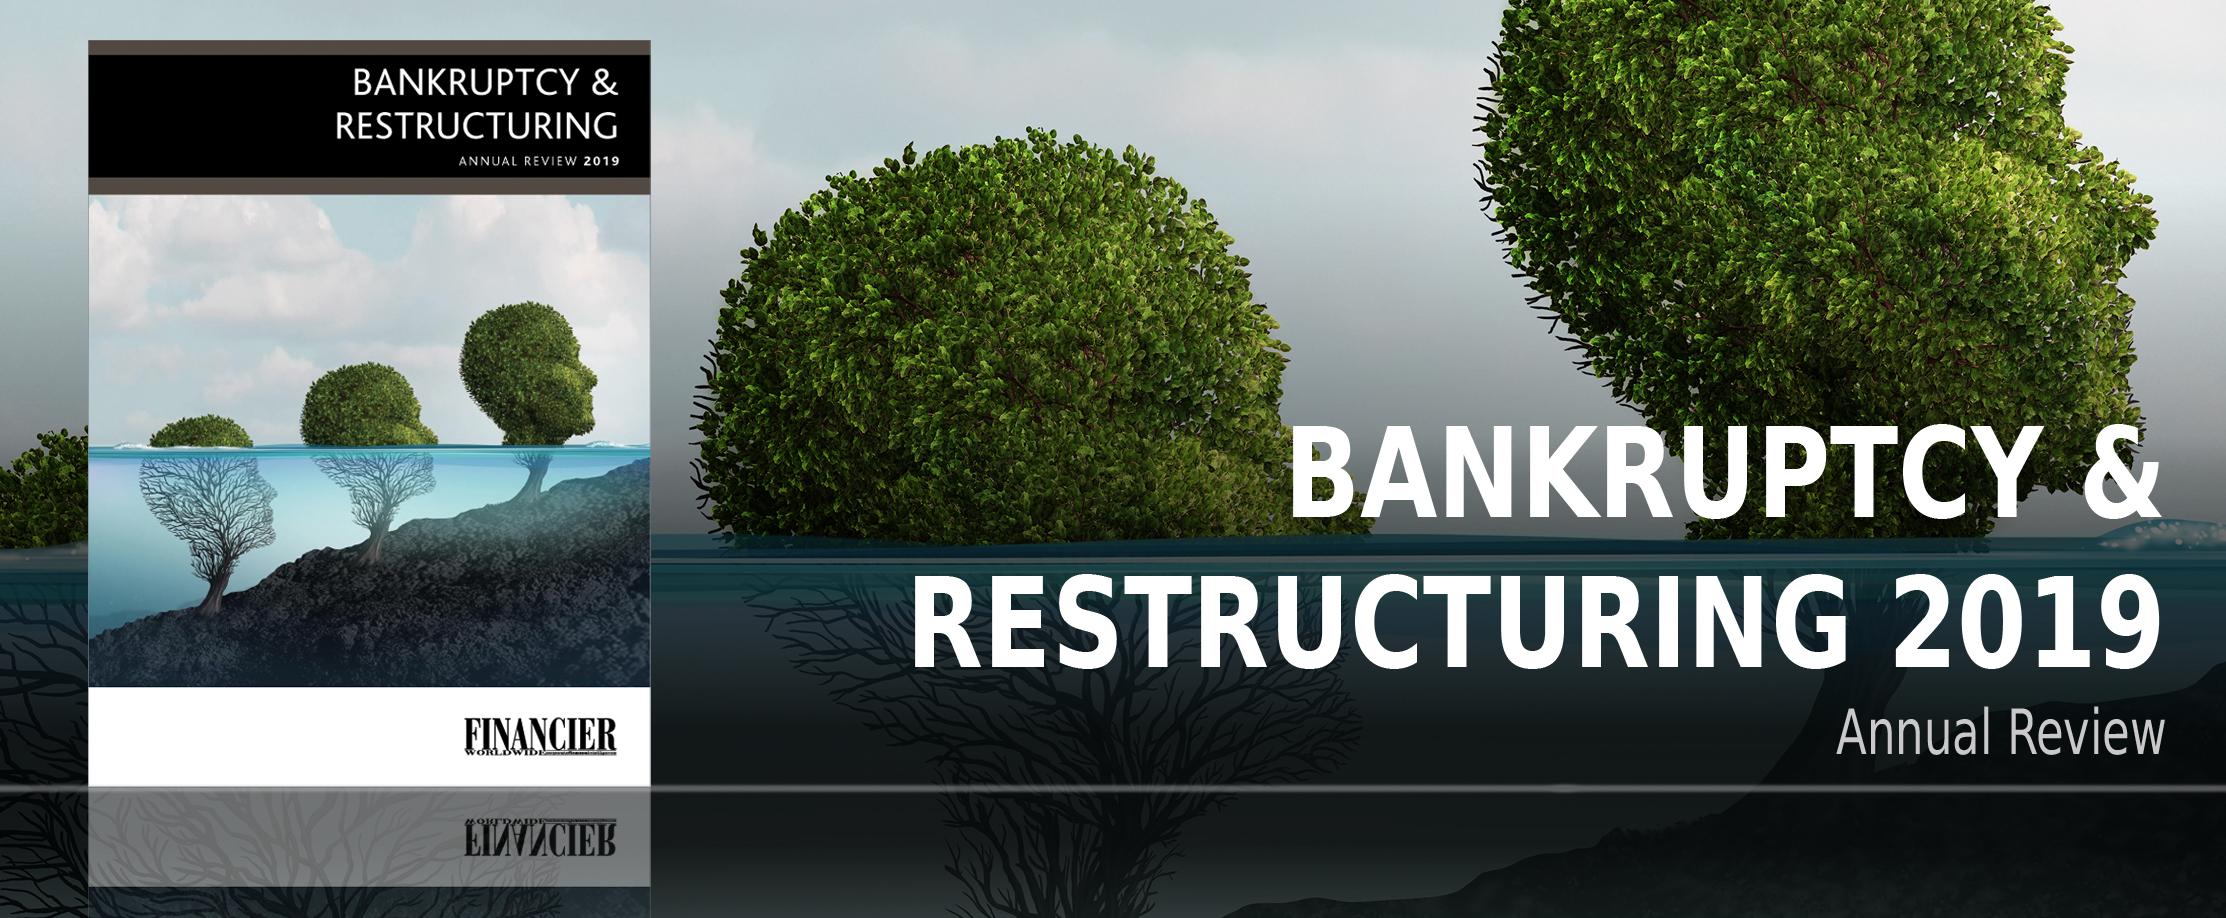 ARTitle_BANKRUPTCY.jpg